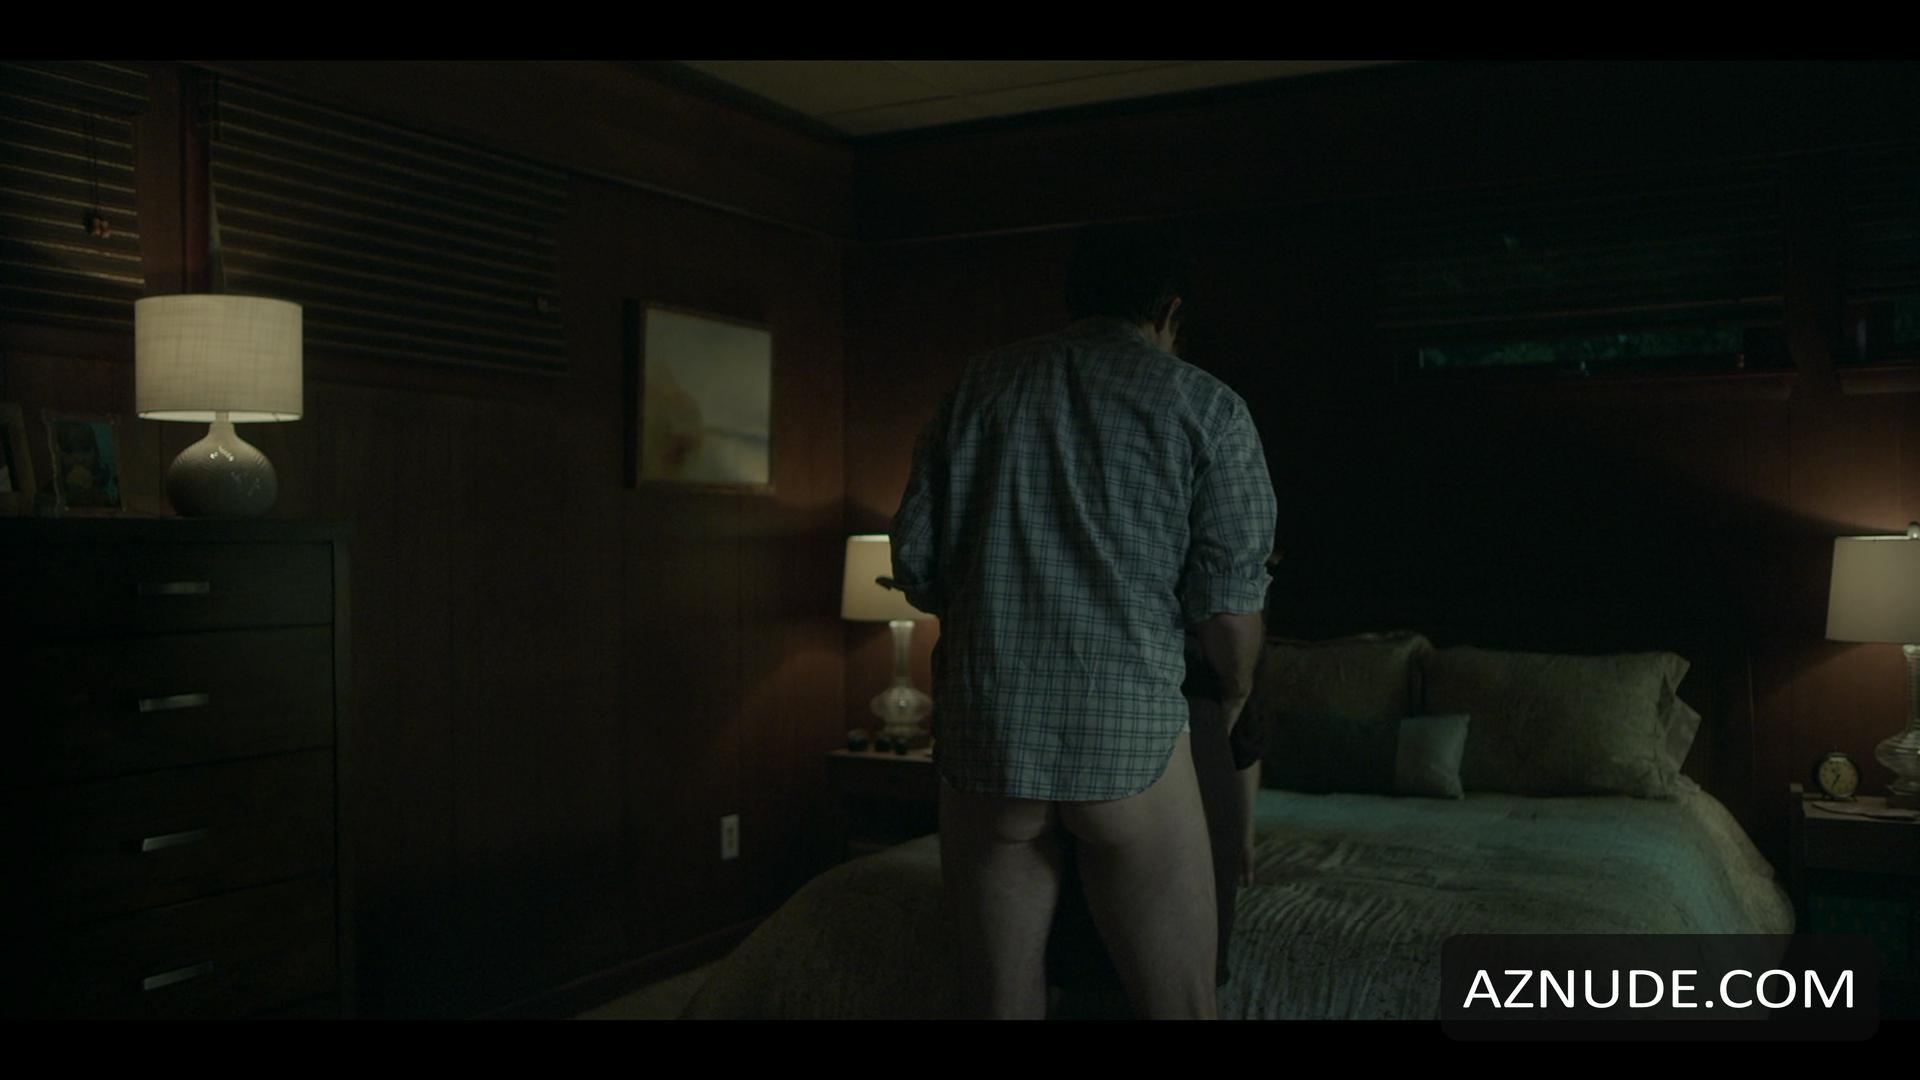 actor vijai sex tamil image